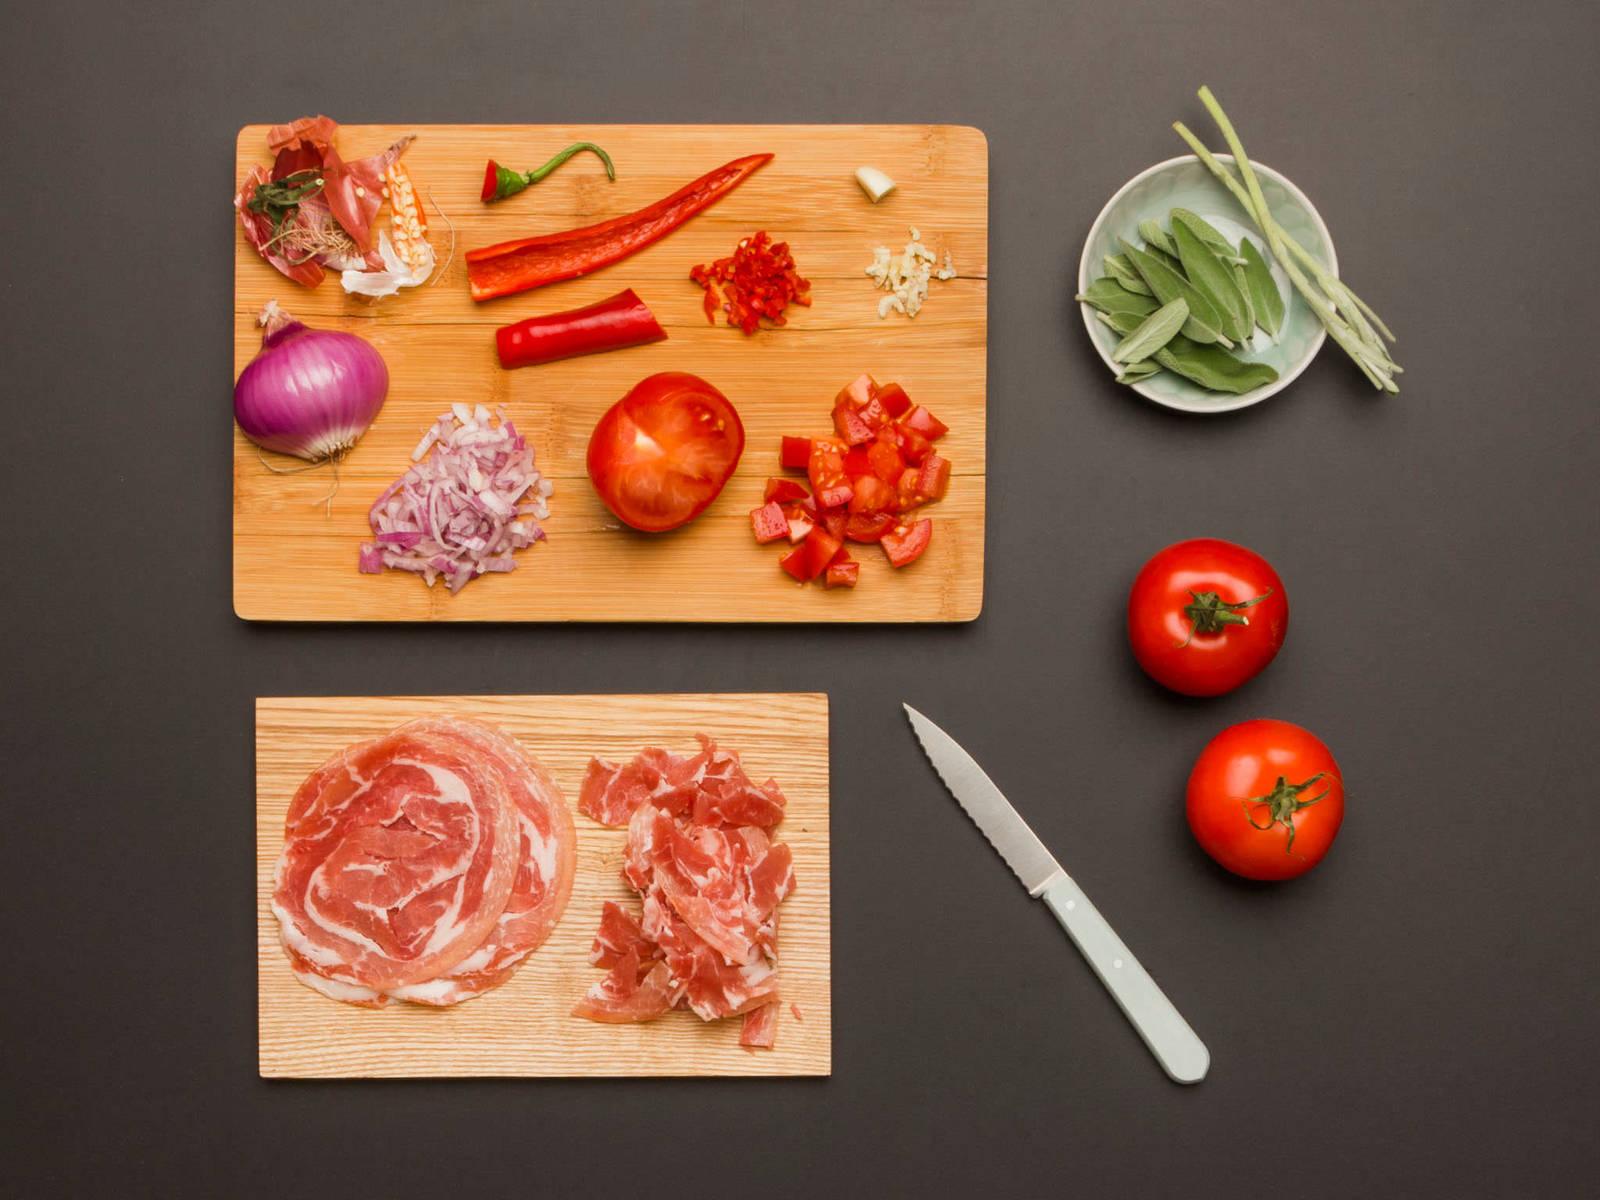 Großen Topf halbvoll mit Salzwasser füllen und aufkochen. Salbeiblätter vom Zweig zupfen. Knoblauch andrücken und grob hacken. Peperoni aufschneiden, Gehäuse entfernen und fein würfeln. Zwiebel fein würfeln. Pancetta in grobe Stücke schneiden. Tomaten halbieren und dann in kleine Würfel schneiden.